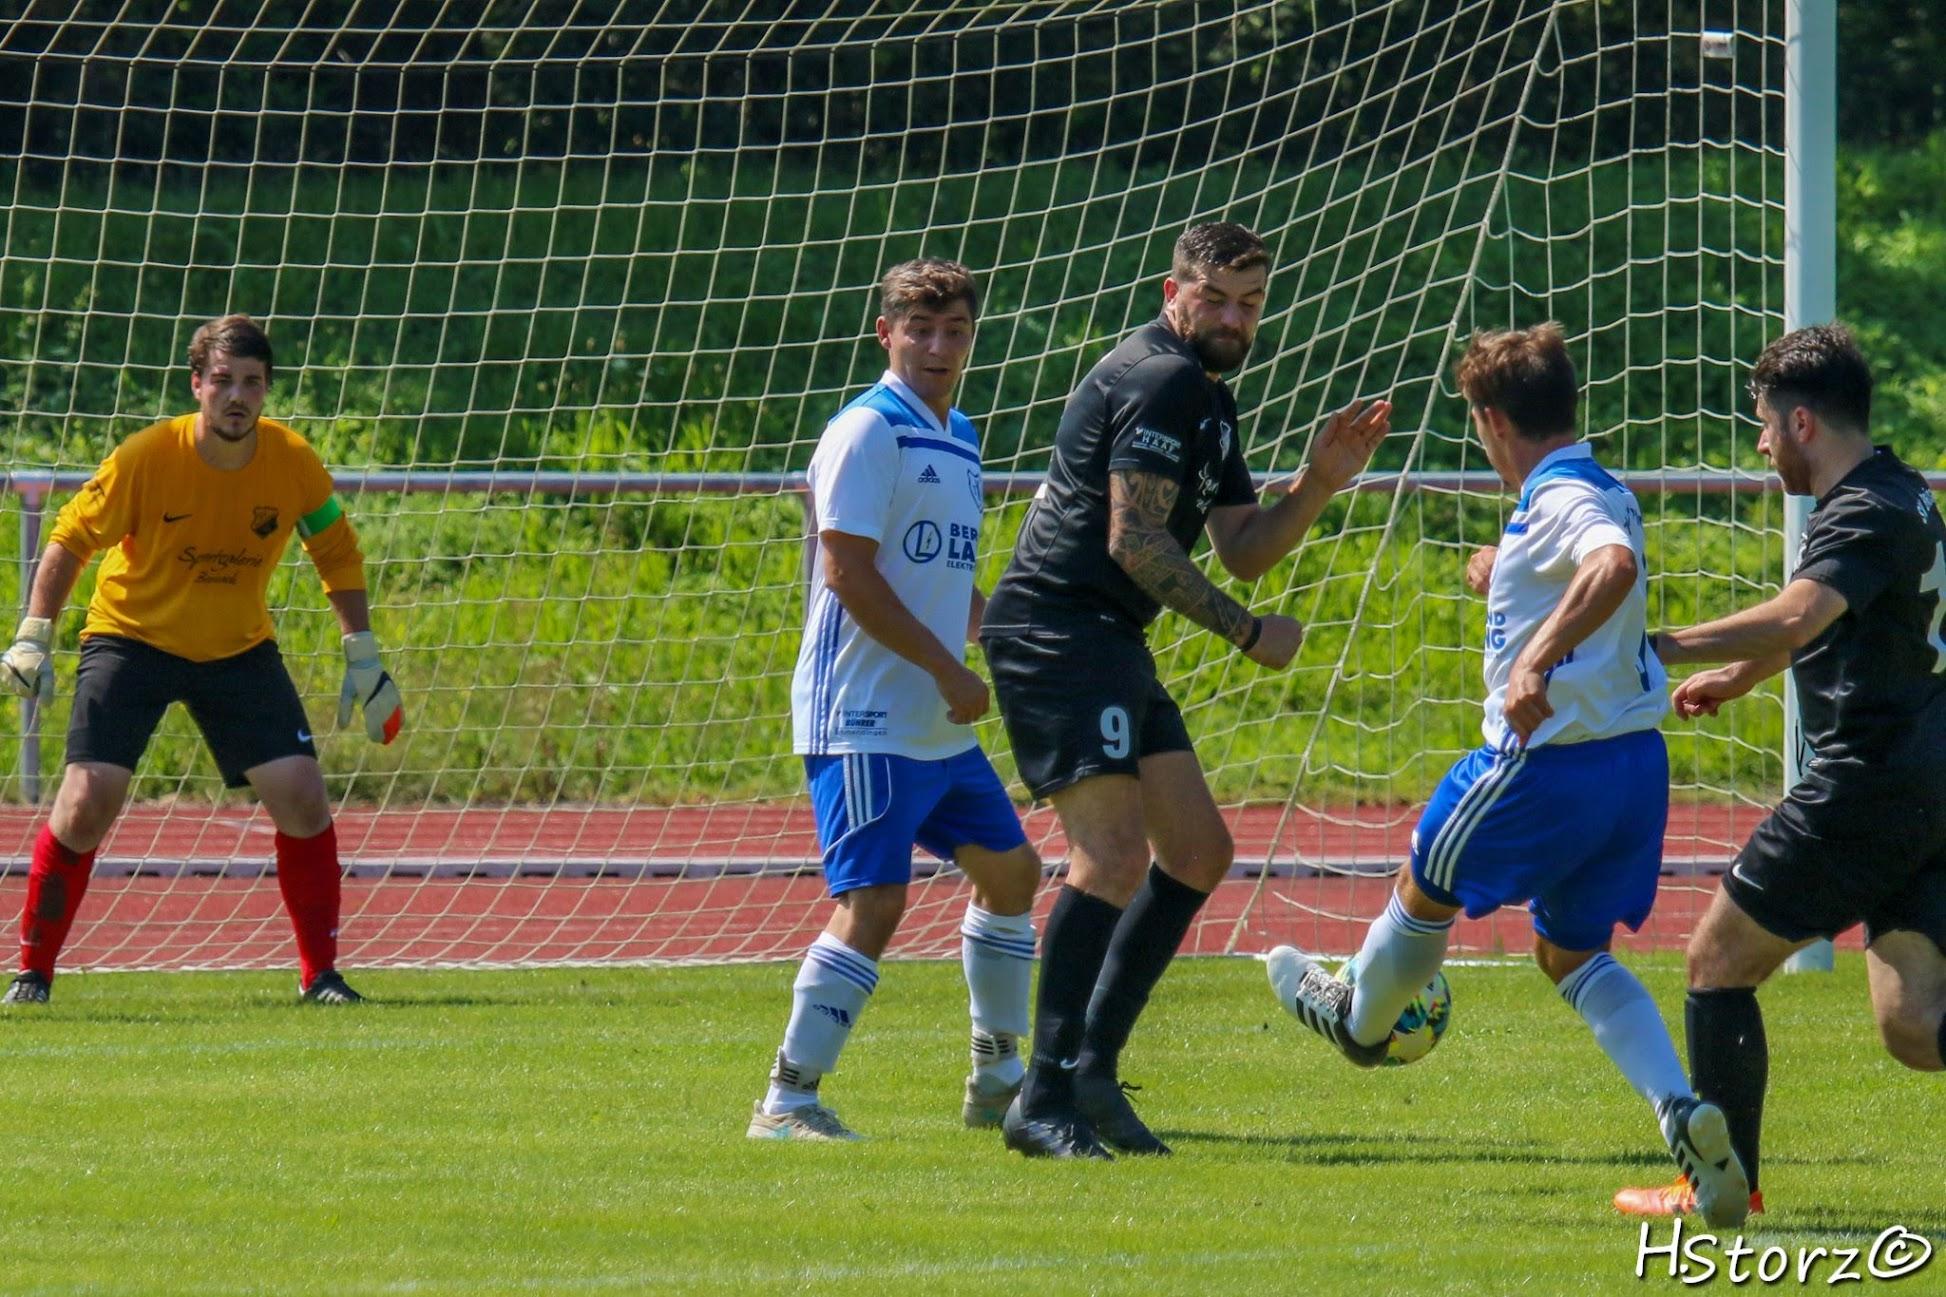 SV Breisach – TVK II   0:4  (0:3)